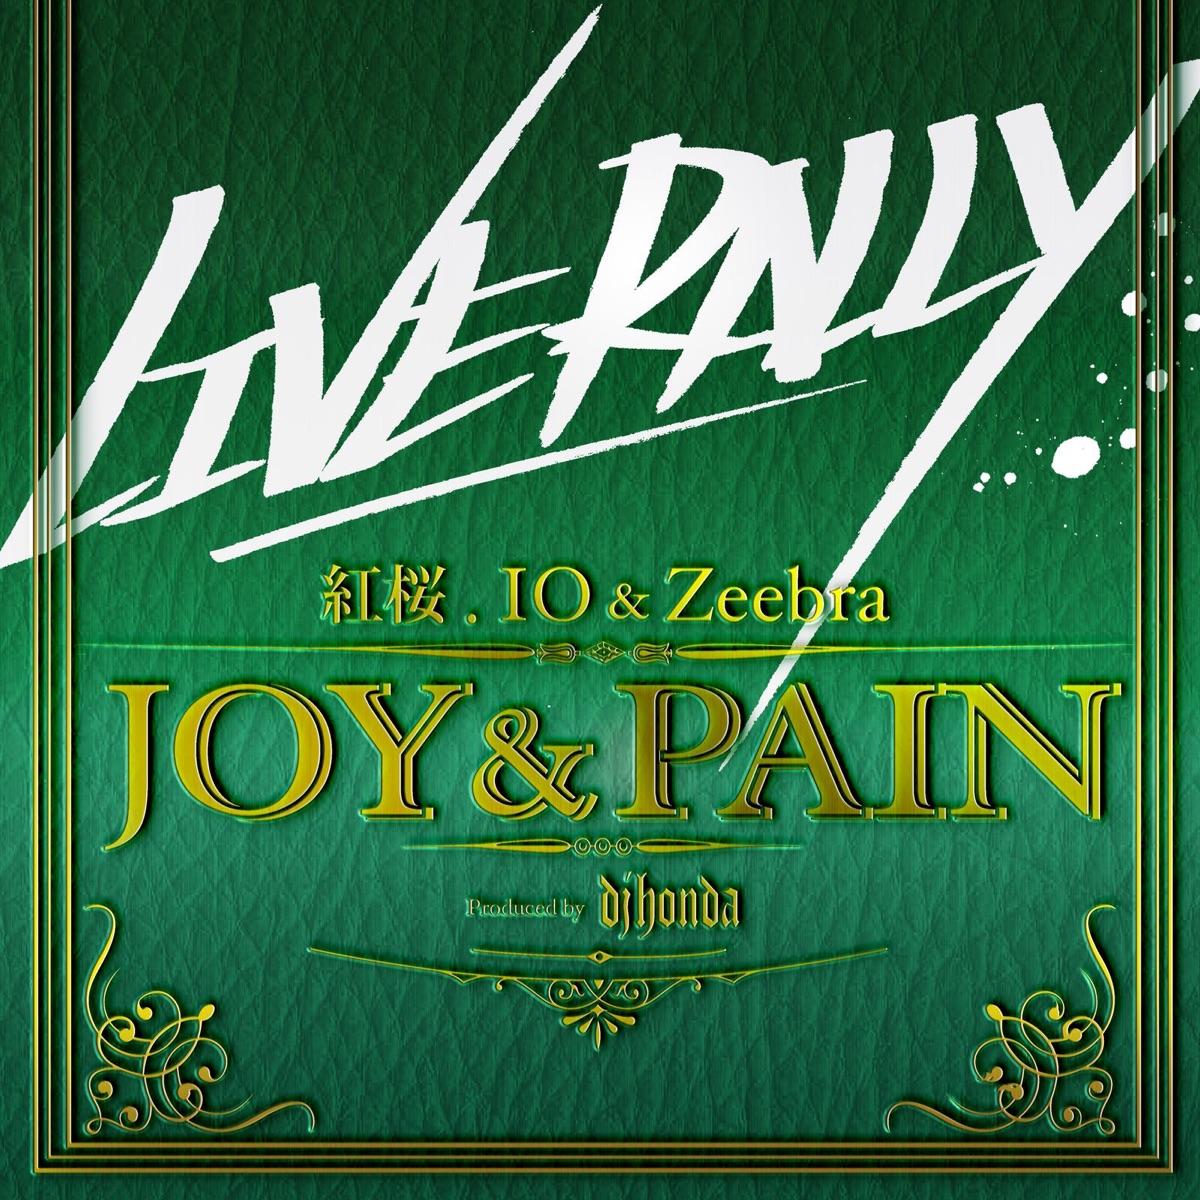 『紅桜, IO & Zeebra - JOY&PAIN』収録の『JOY&PAIN』ジャケット